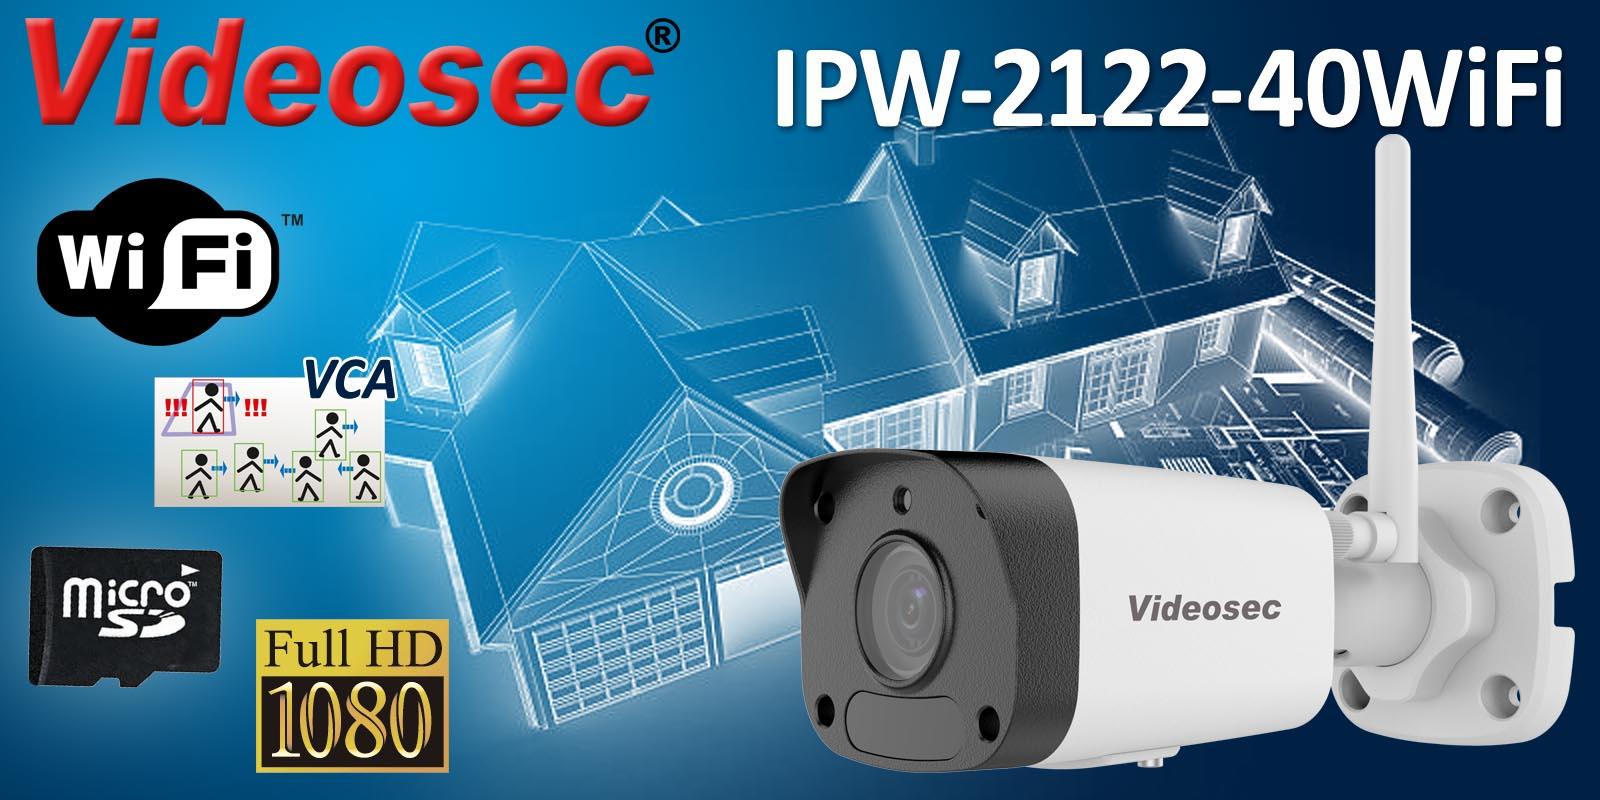 IPW-2122-40WiFi